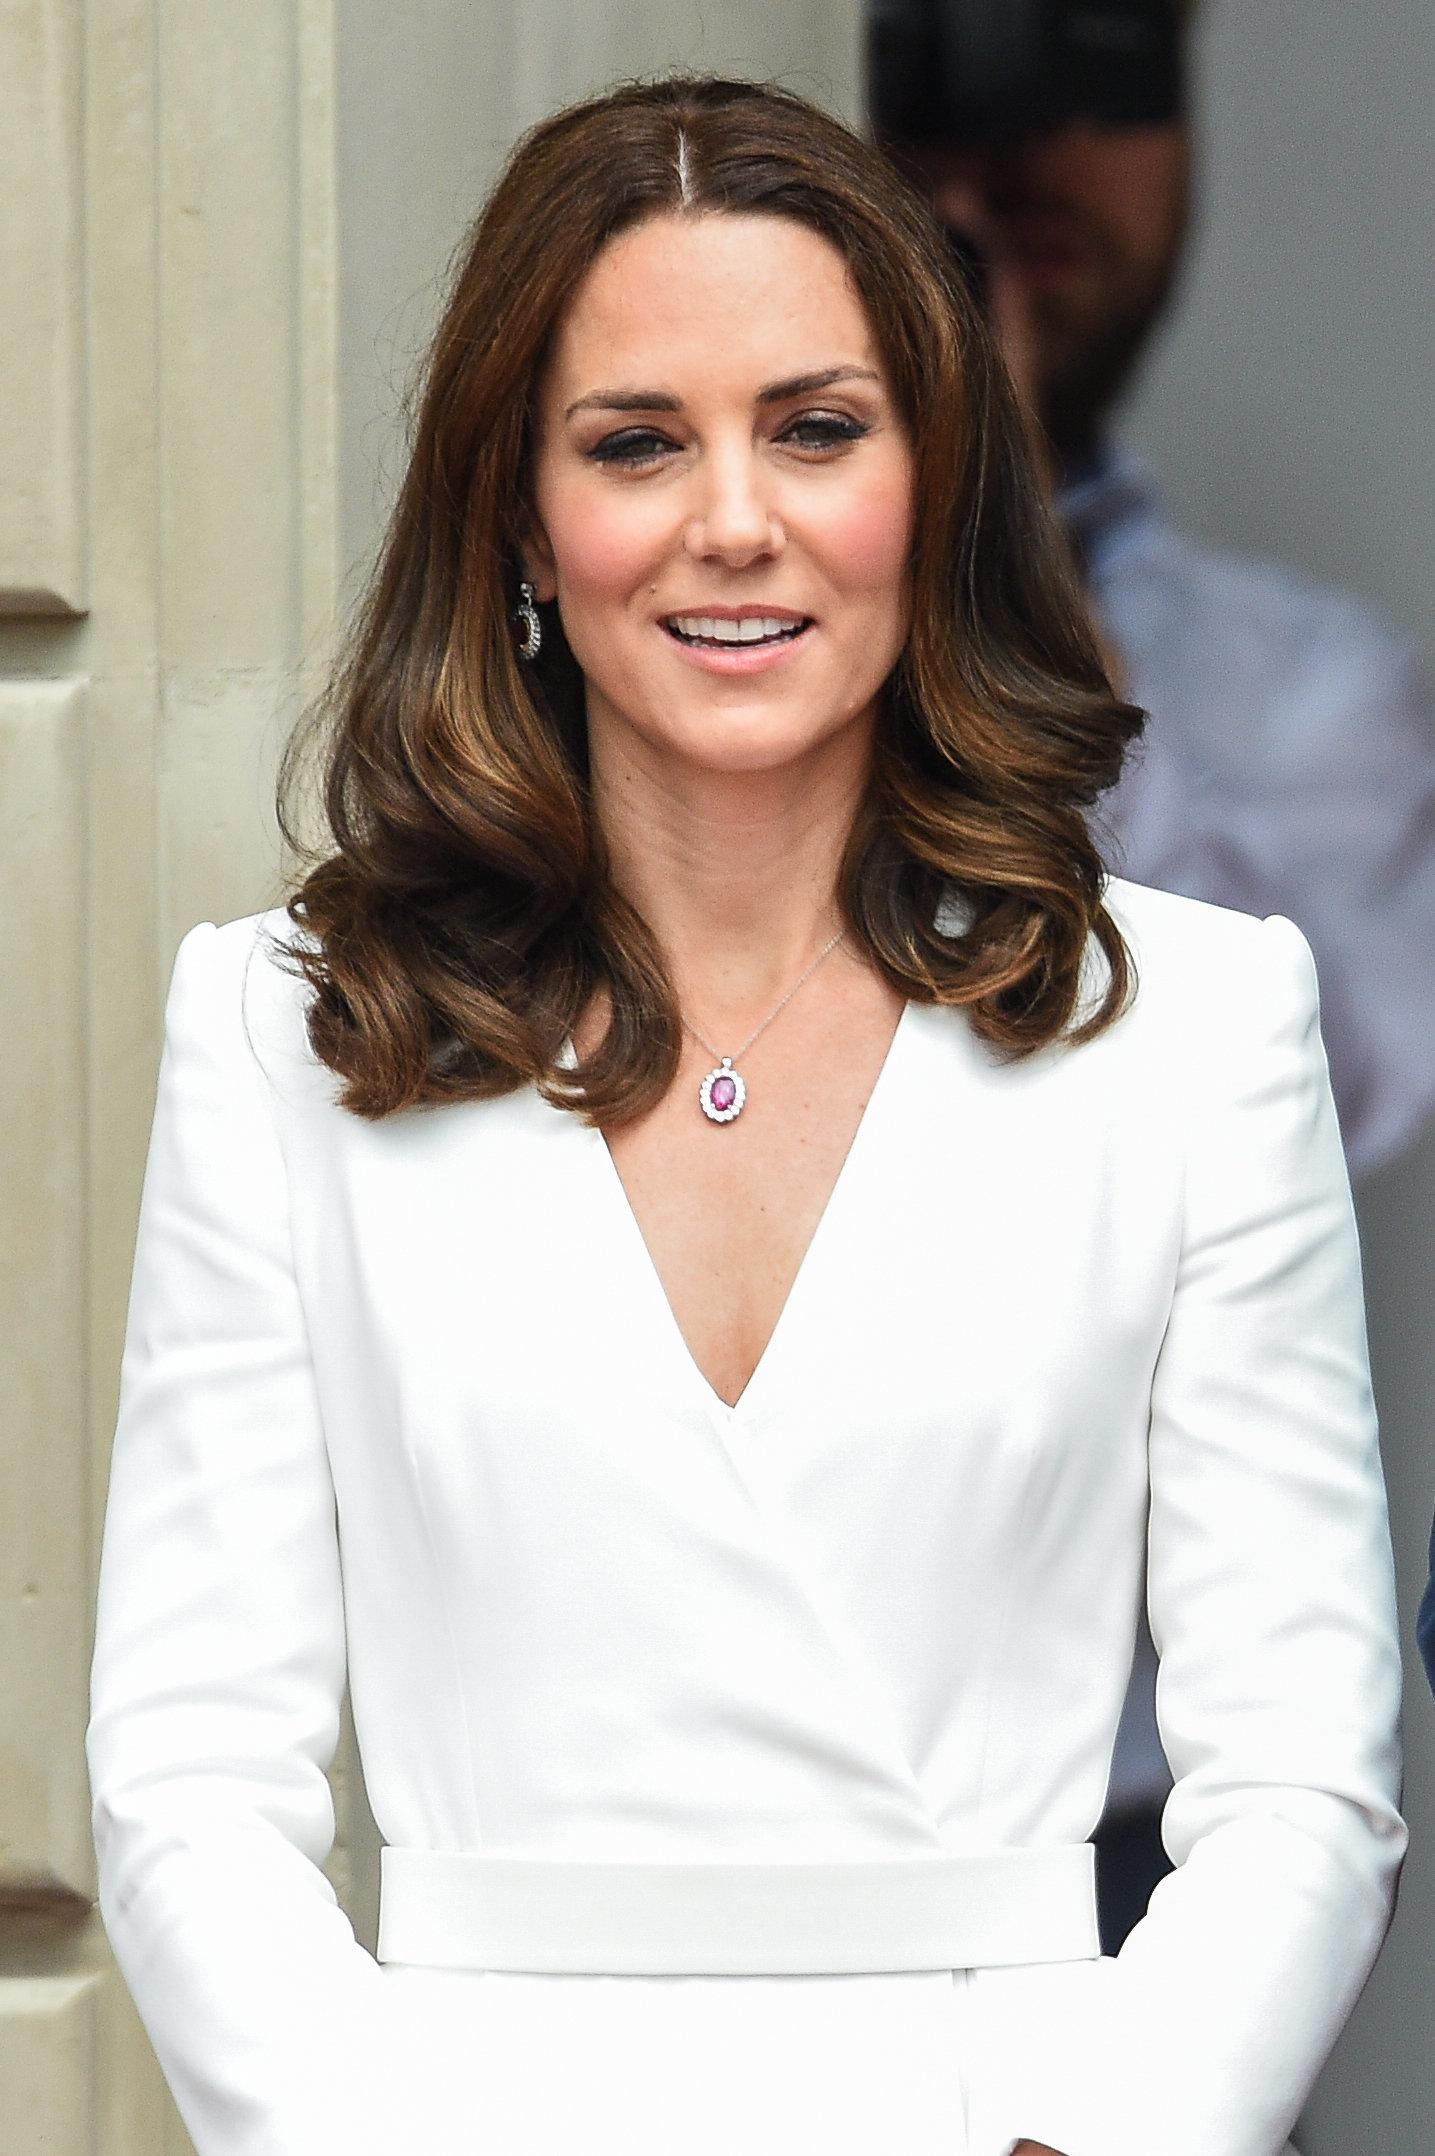 Η Kate Middleton επιτρέπει στο γιο της να παίζει με όπλα και το Twitter παίρνει φωτιά